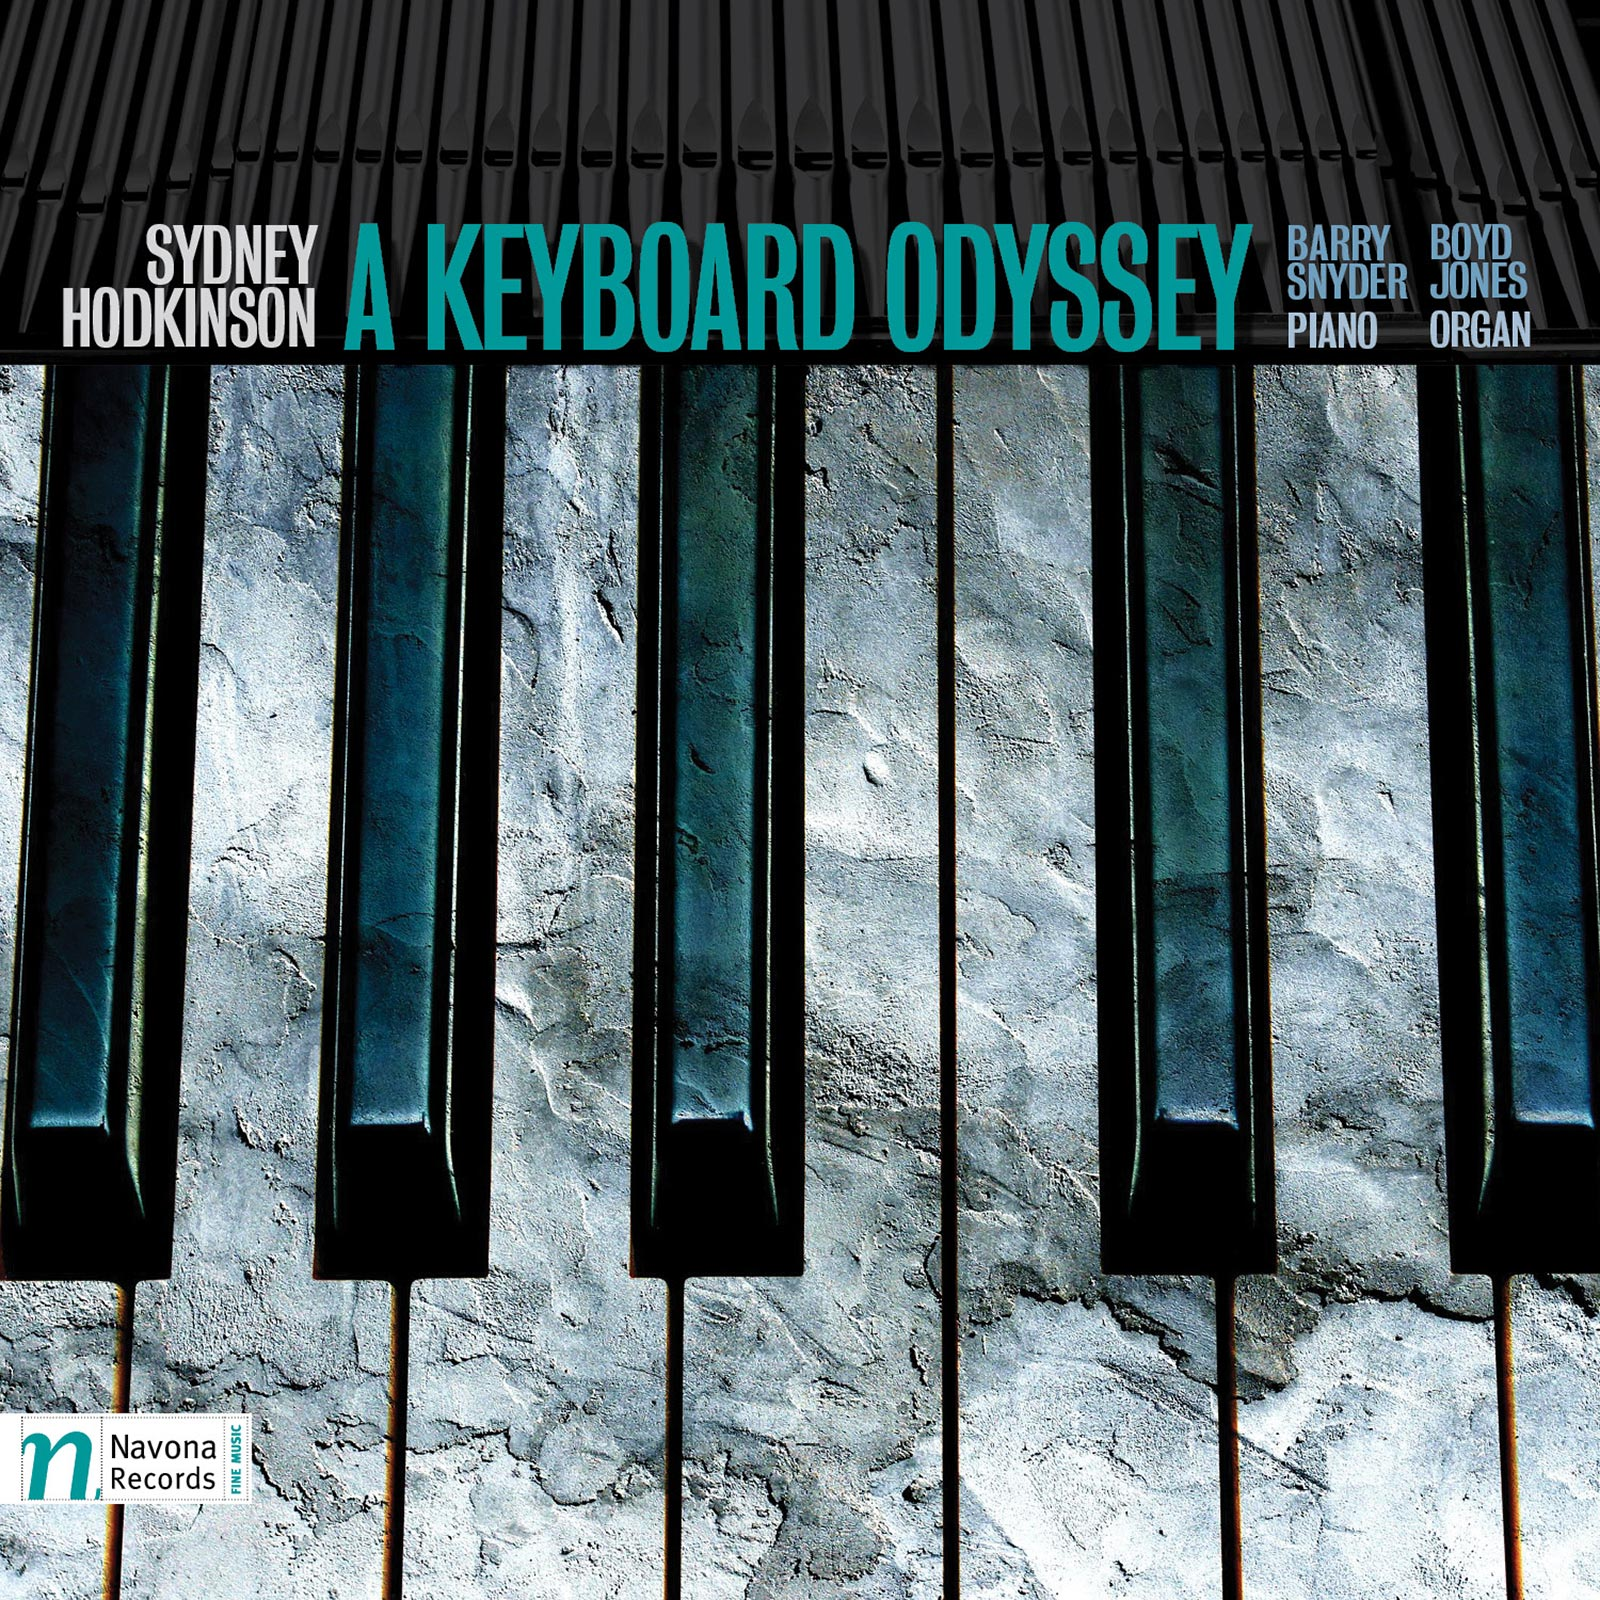 A KEYBOARD ODYSSEY - album cover